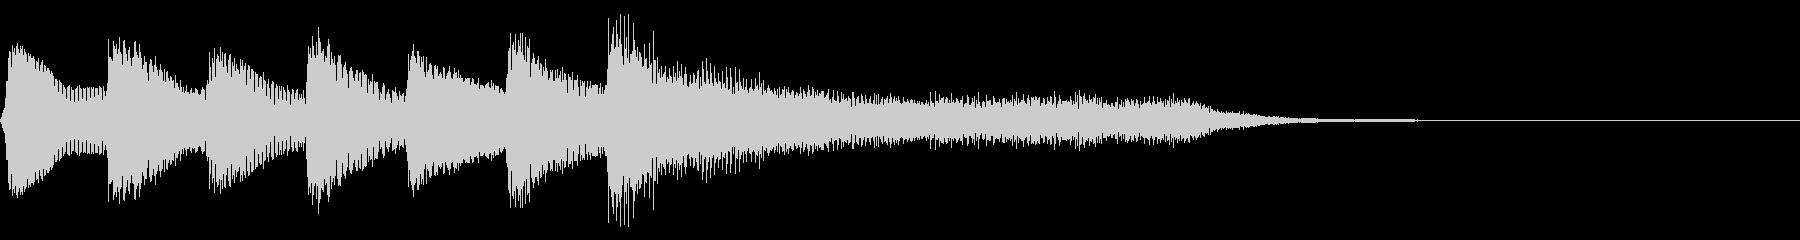 レトロなステージクリア音 正解 達成の未再生の波形